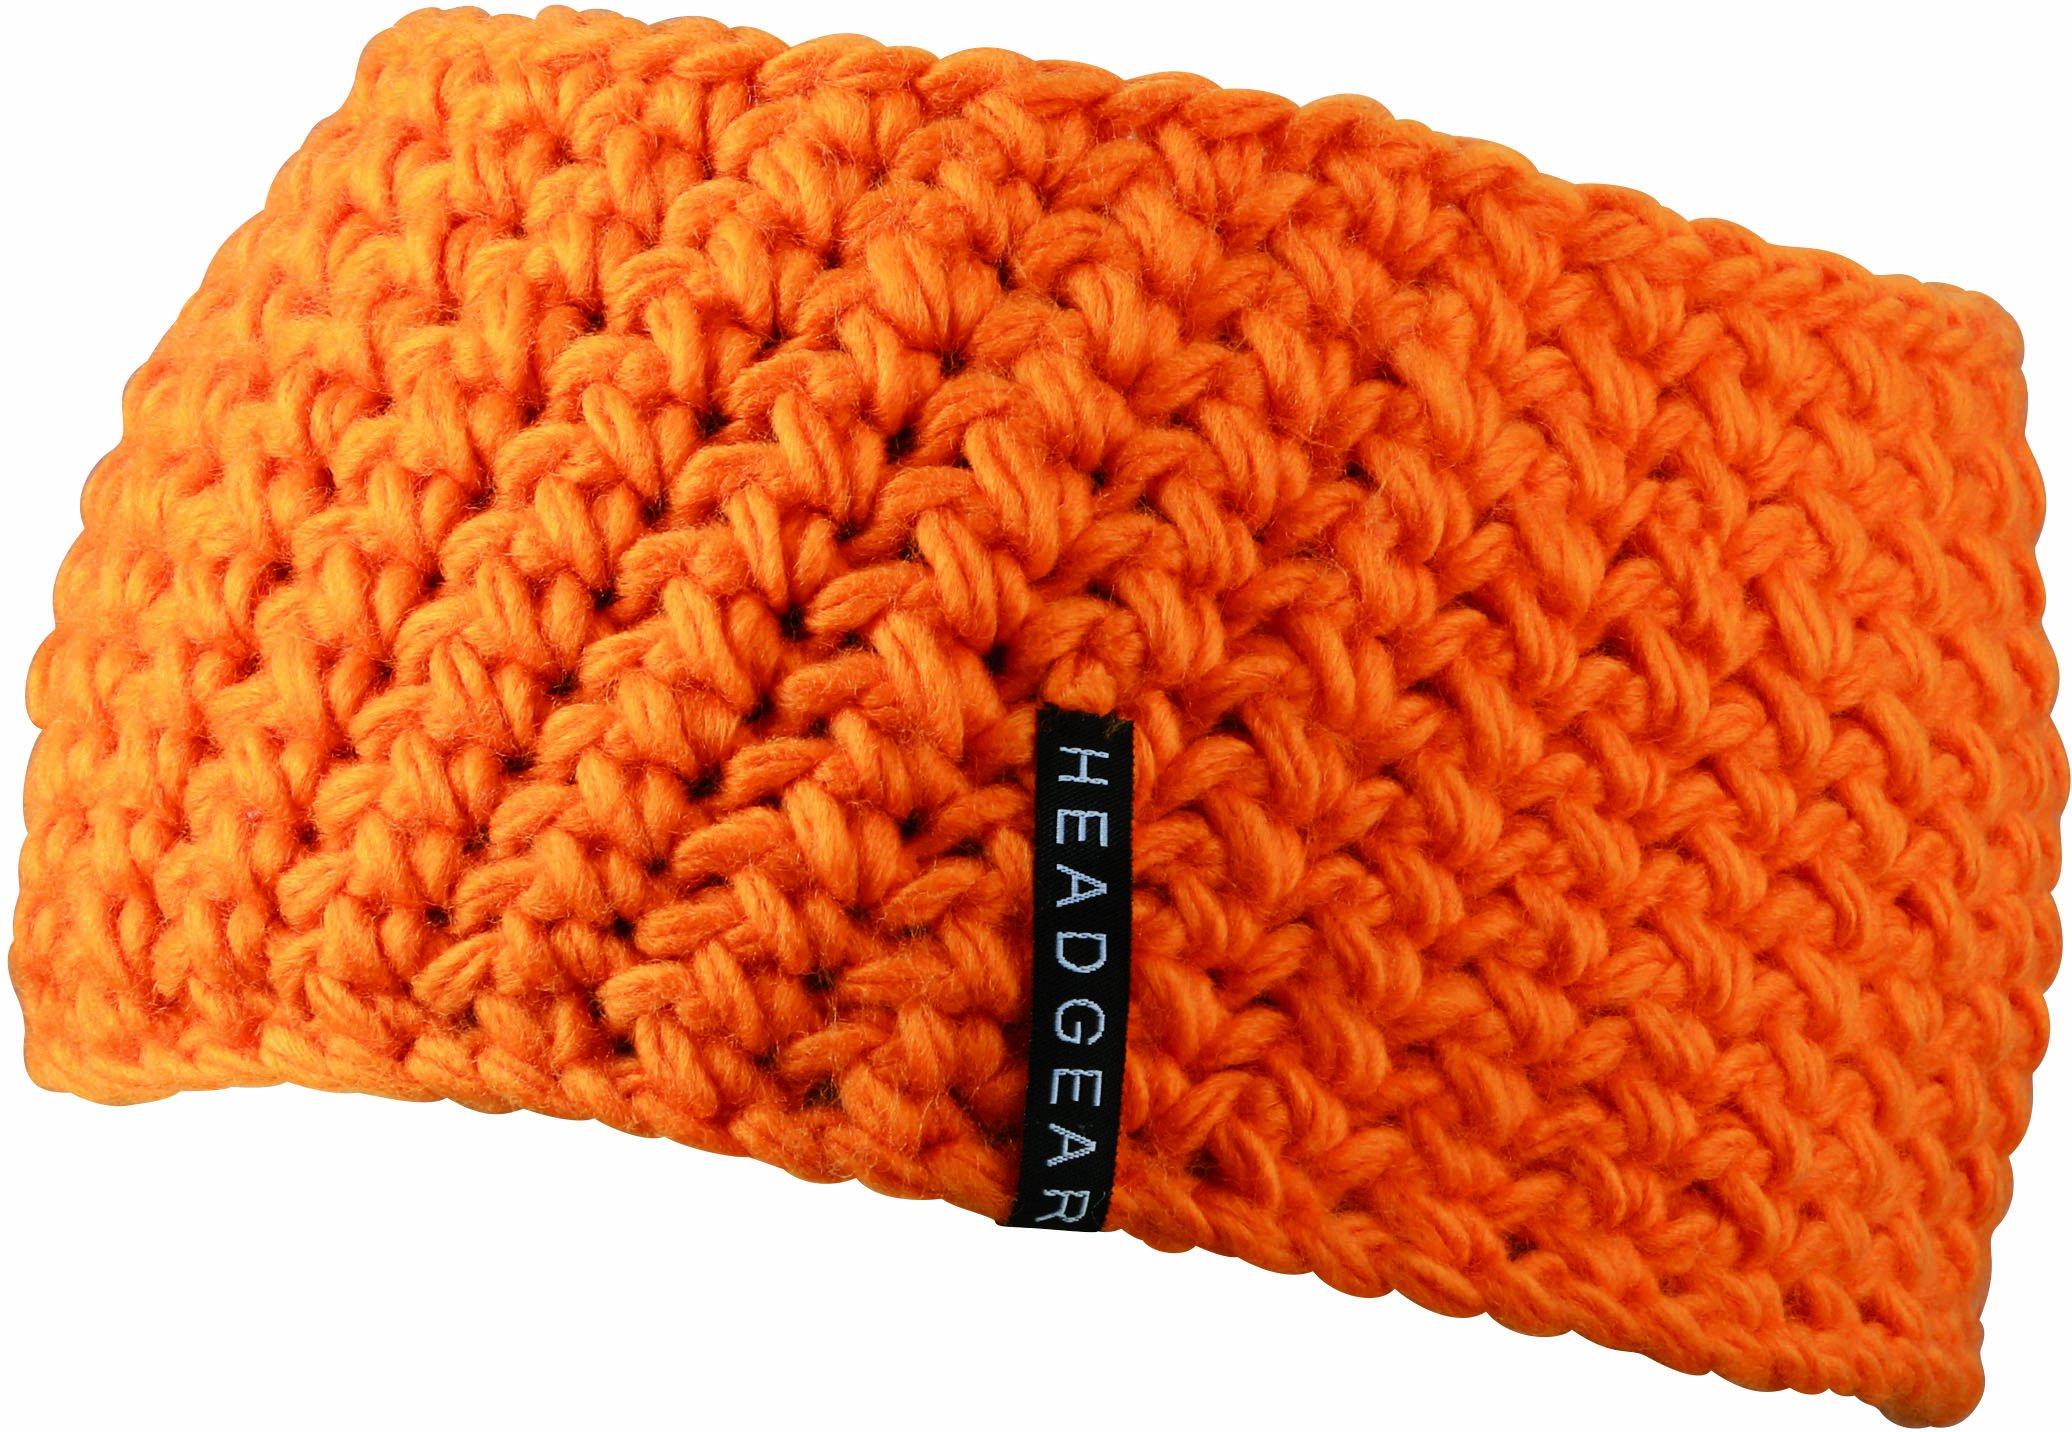 Myrtle Beach Damen Stirnband Crocheted Headband, orange, One Size, MB7947 or